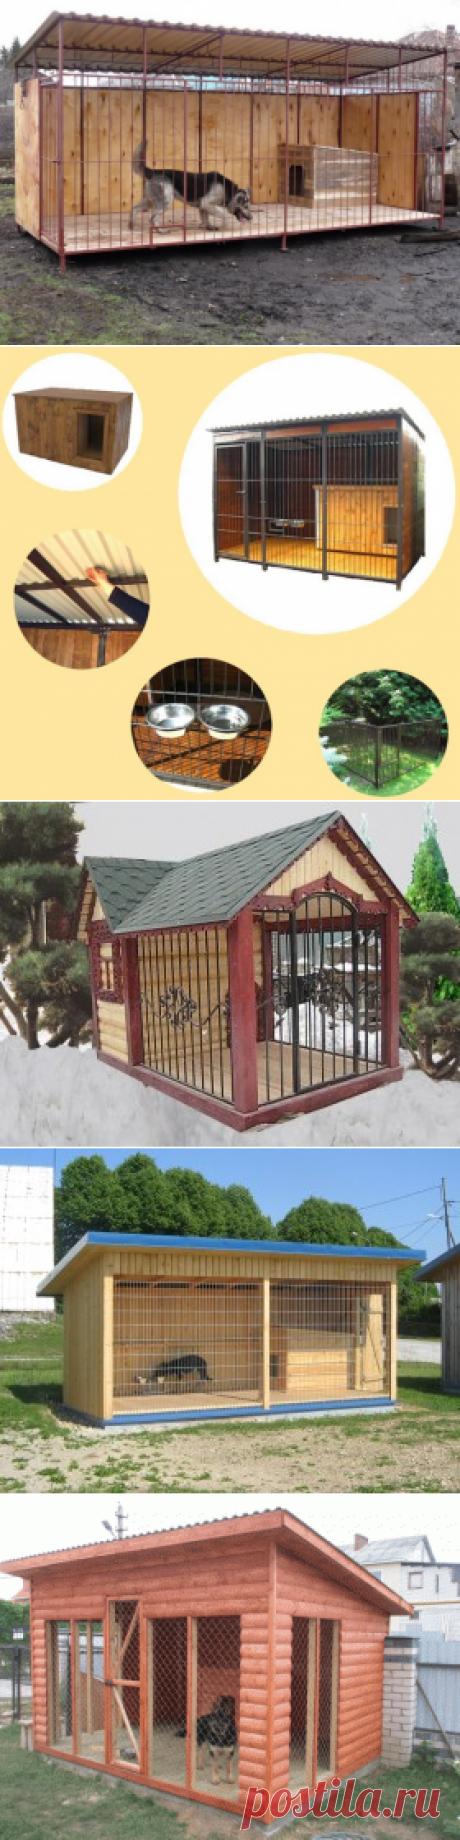 Вольер для собаки своими руками: инструкция по созданию данной садовой постройки.